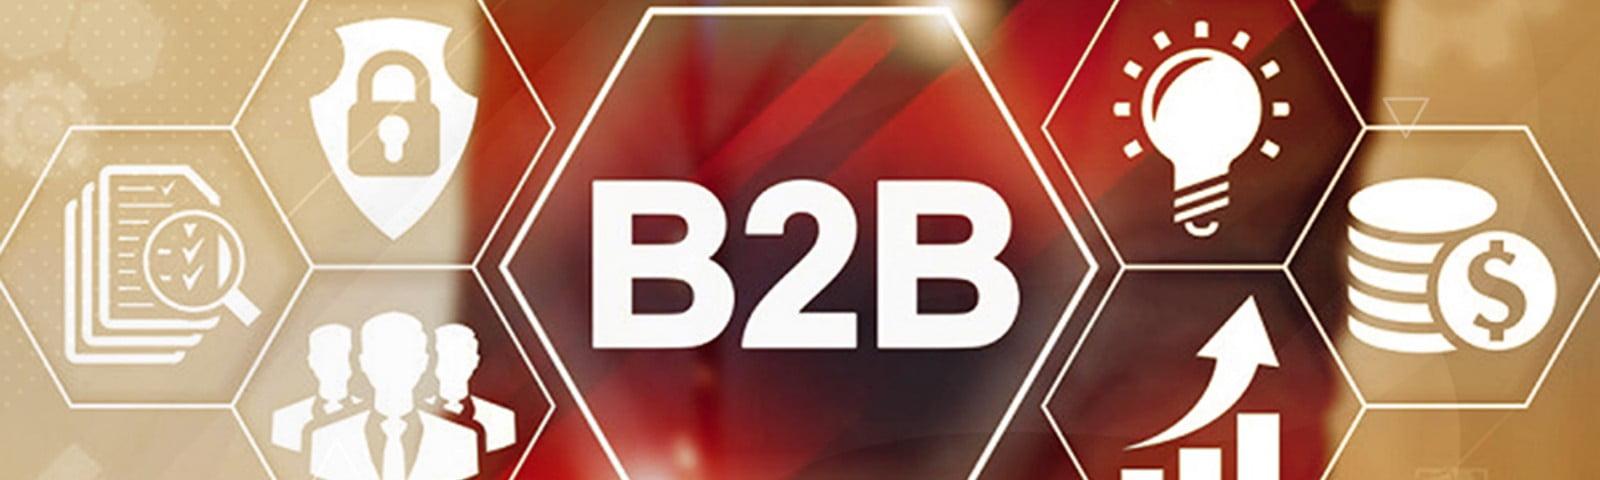 عمده فروشی آنلاین و فروش B2B